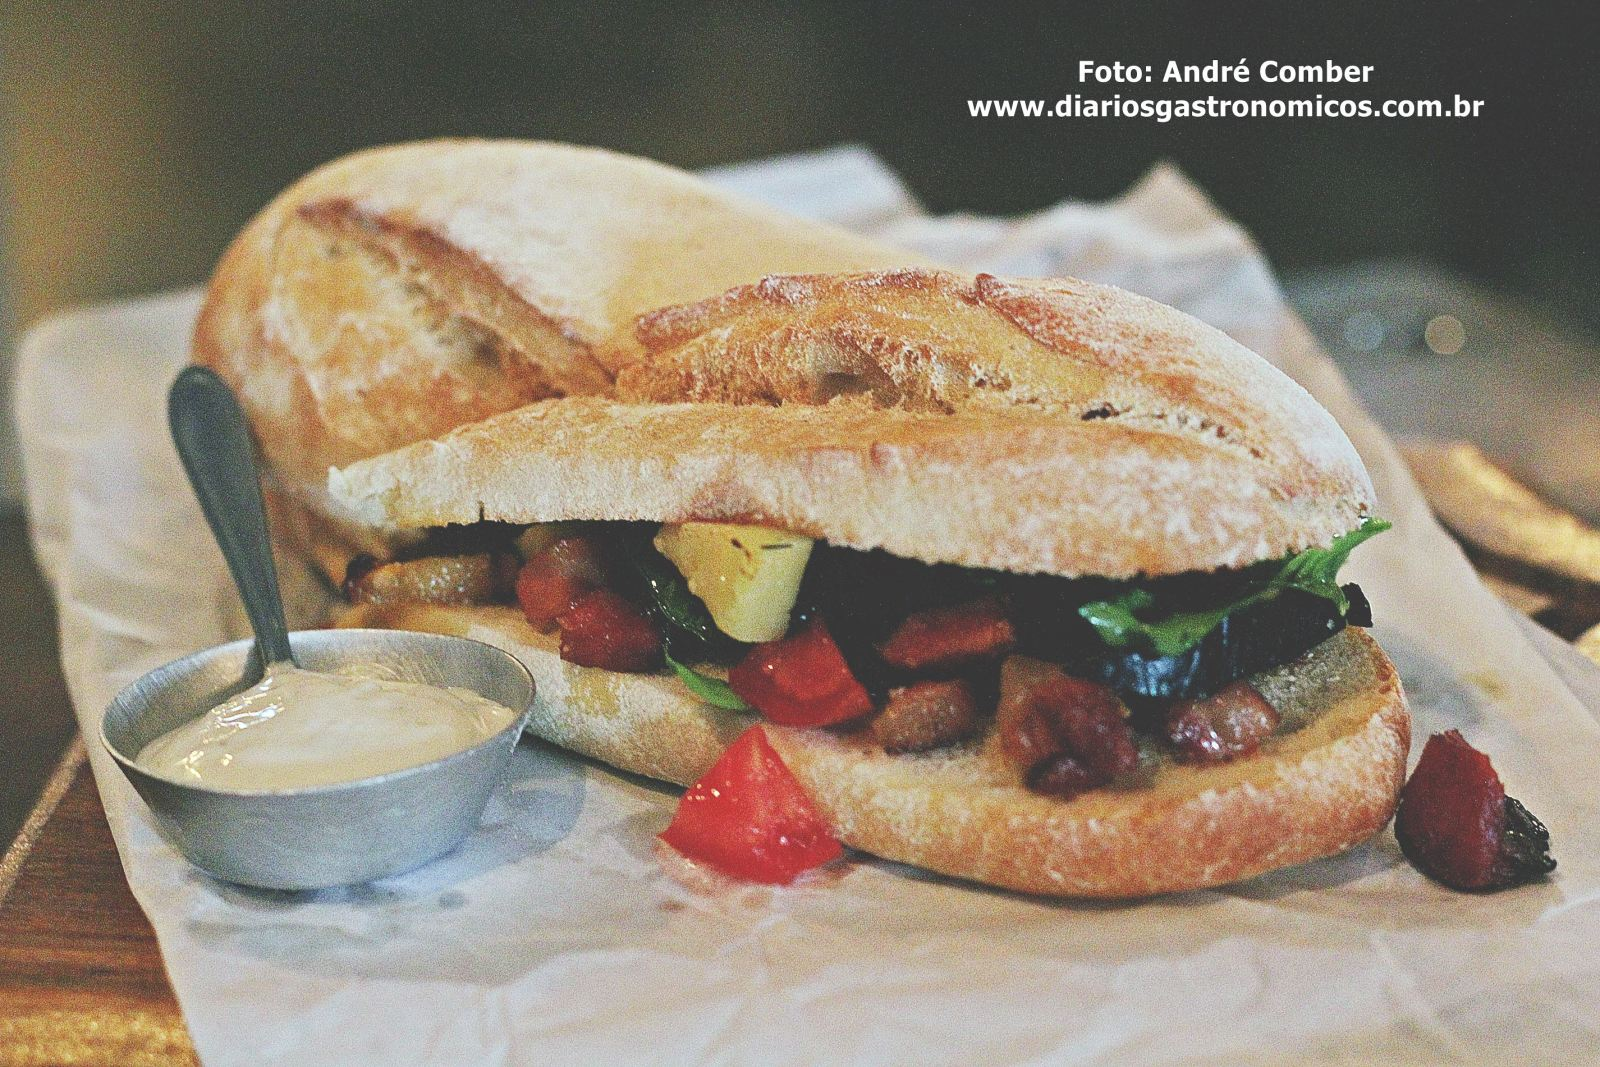 Cateto bar, sanduiche de bochecha de porco